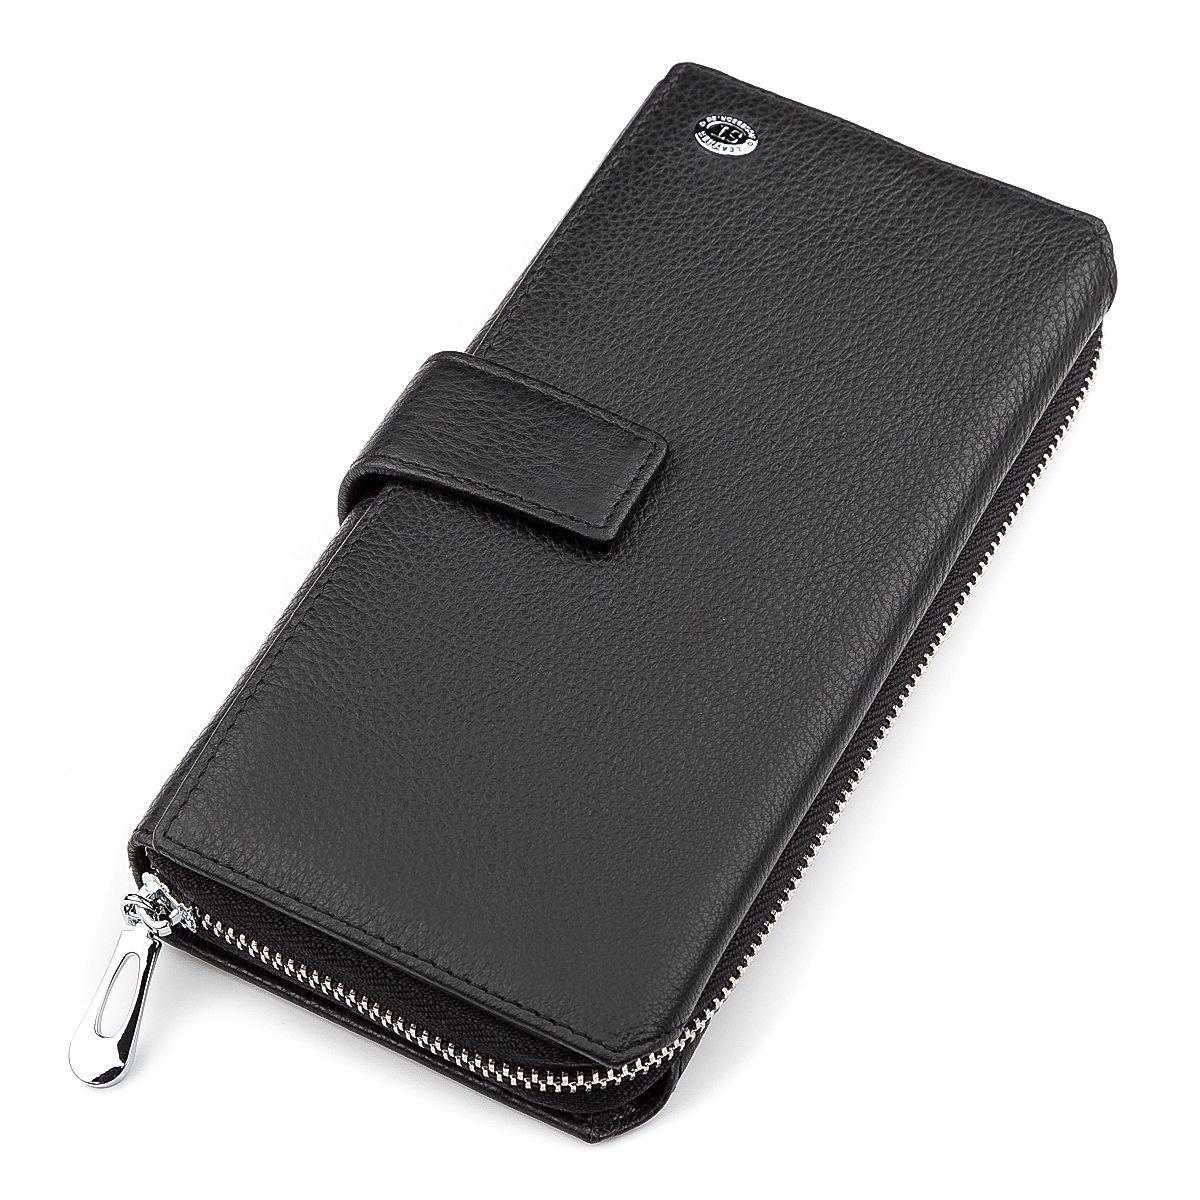 Мужской кошелек ST Leather 18453 (ST128) стильный Черный, Черный